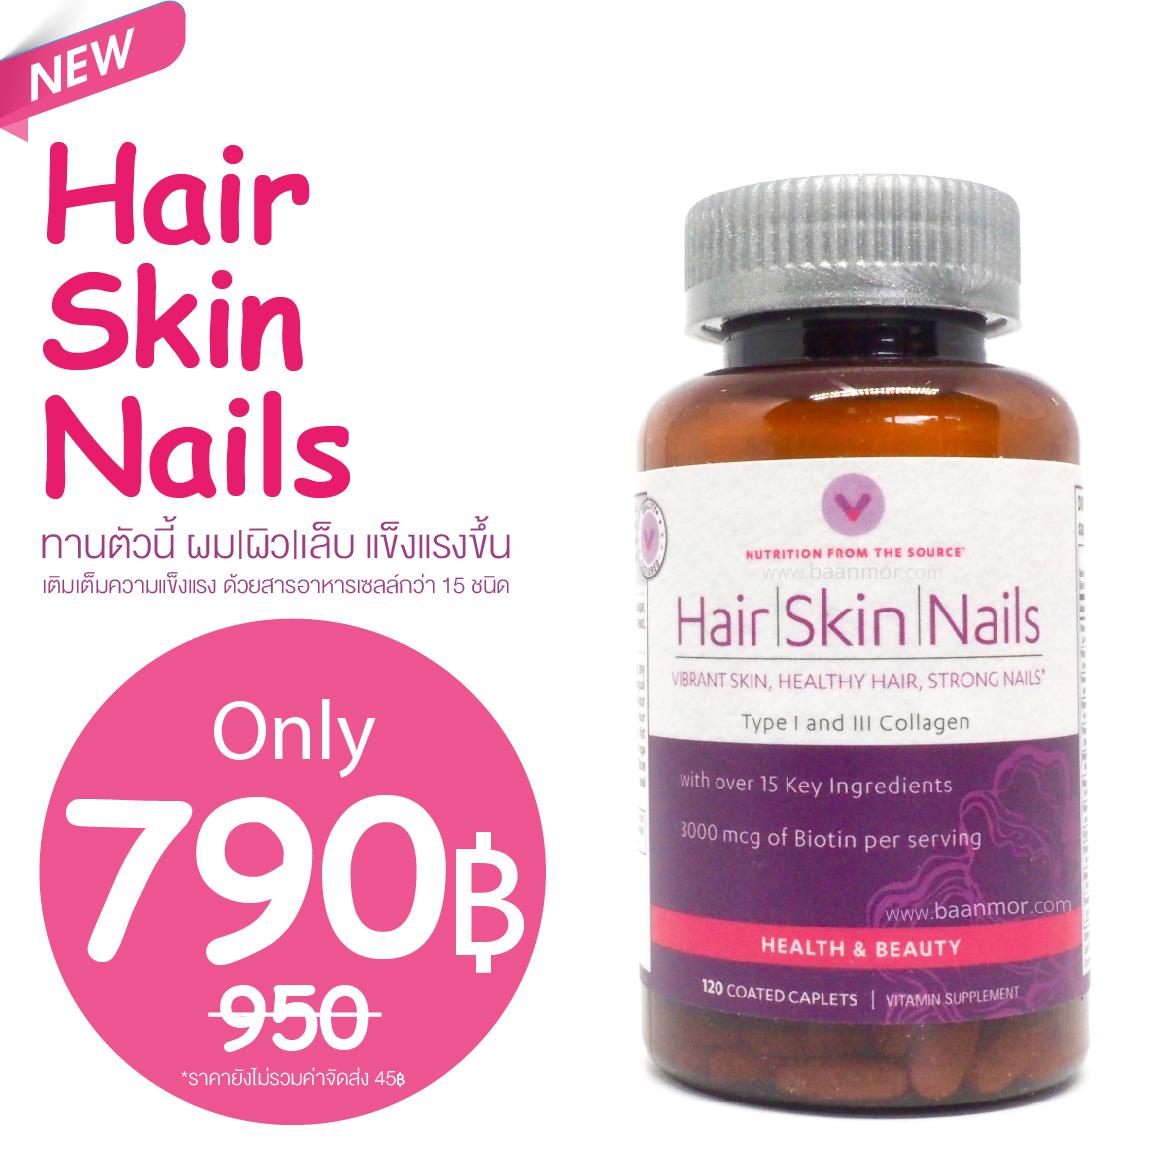 Hair, Skin and Nails Formula วิตามินรวมเพื่อการบำรุง ผม ผิว และเล็บ เพื่อผมและเล็บที่แข็งแรง ไม่เปราะ แตก หักง่าย ผิวก็สุขภาพดีค่า 1 ขวดมี 120 เม็ด Vitamin World